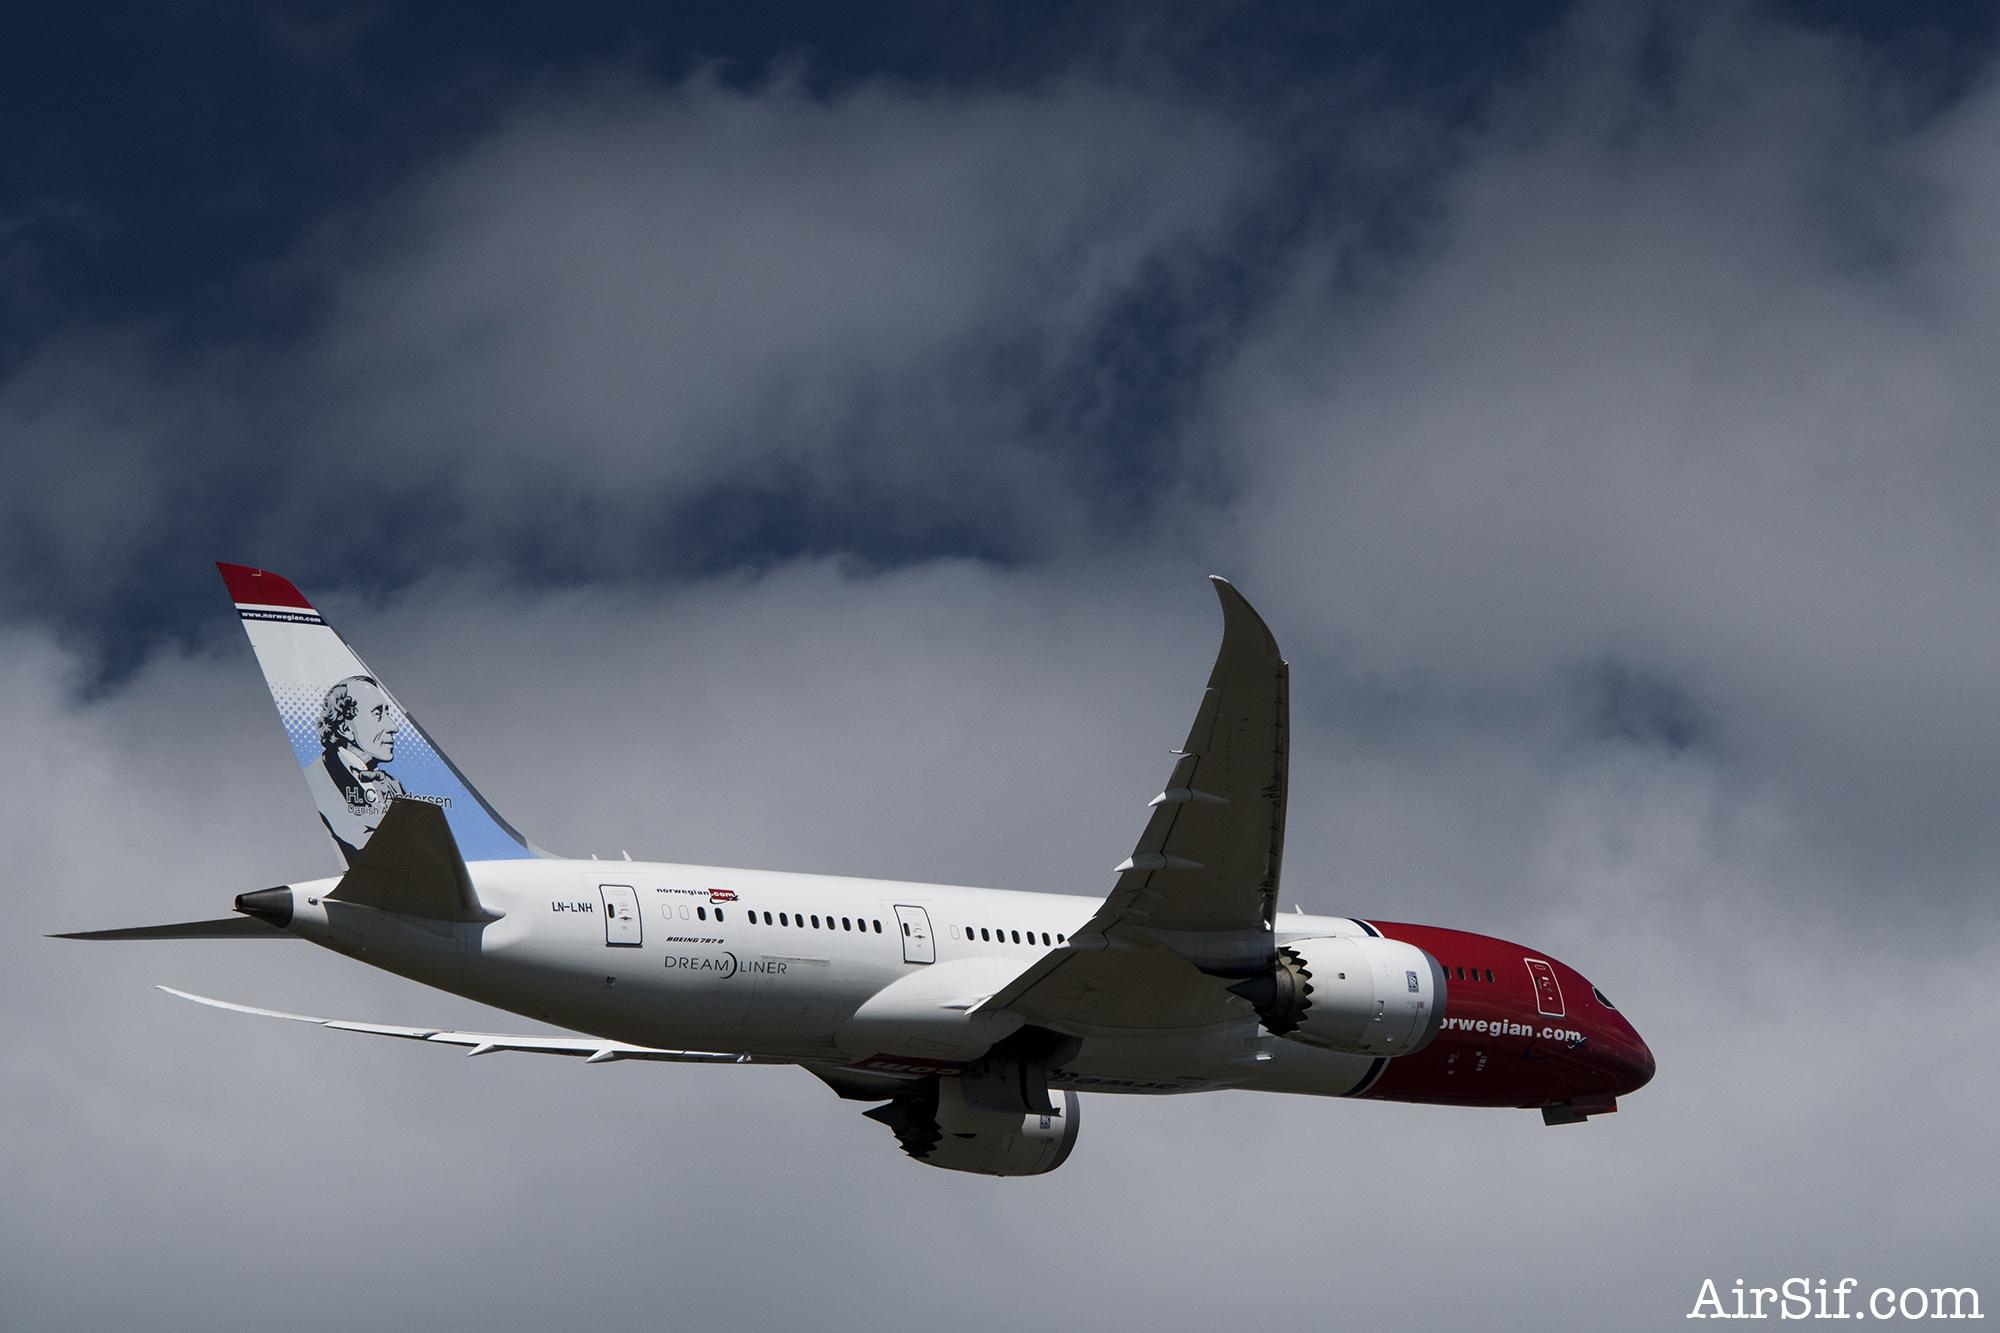 En af Norwegians smukke Dreamlinere. Som jeg skal flyve hjem på. Woh!